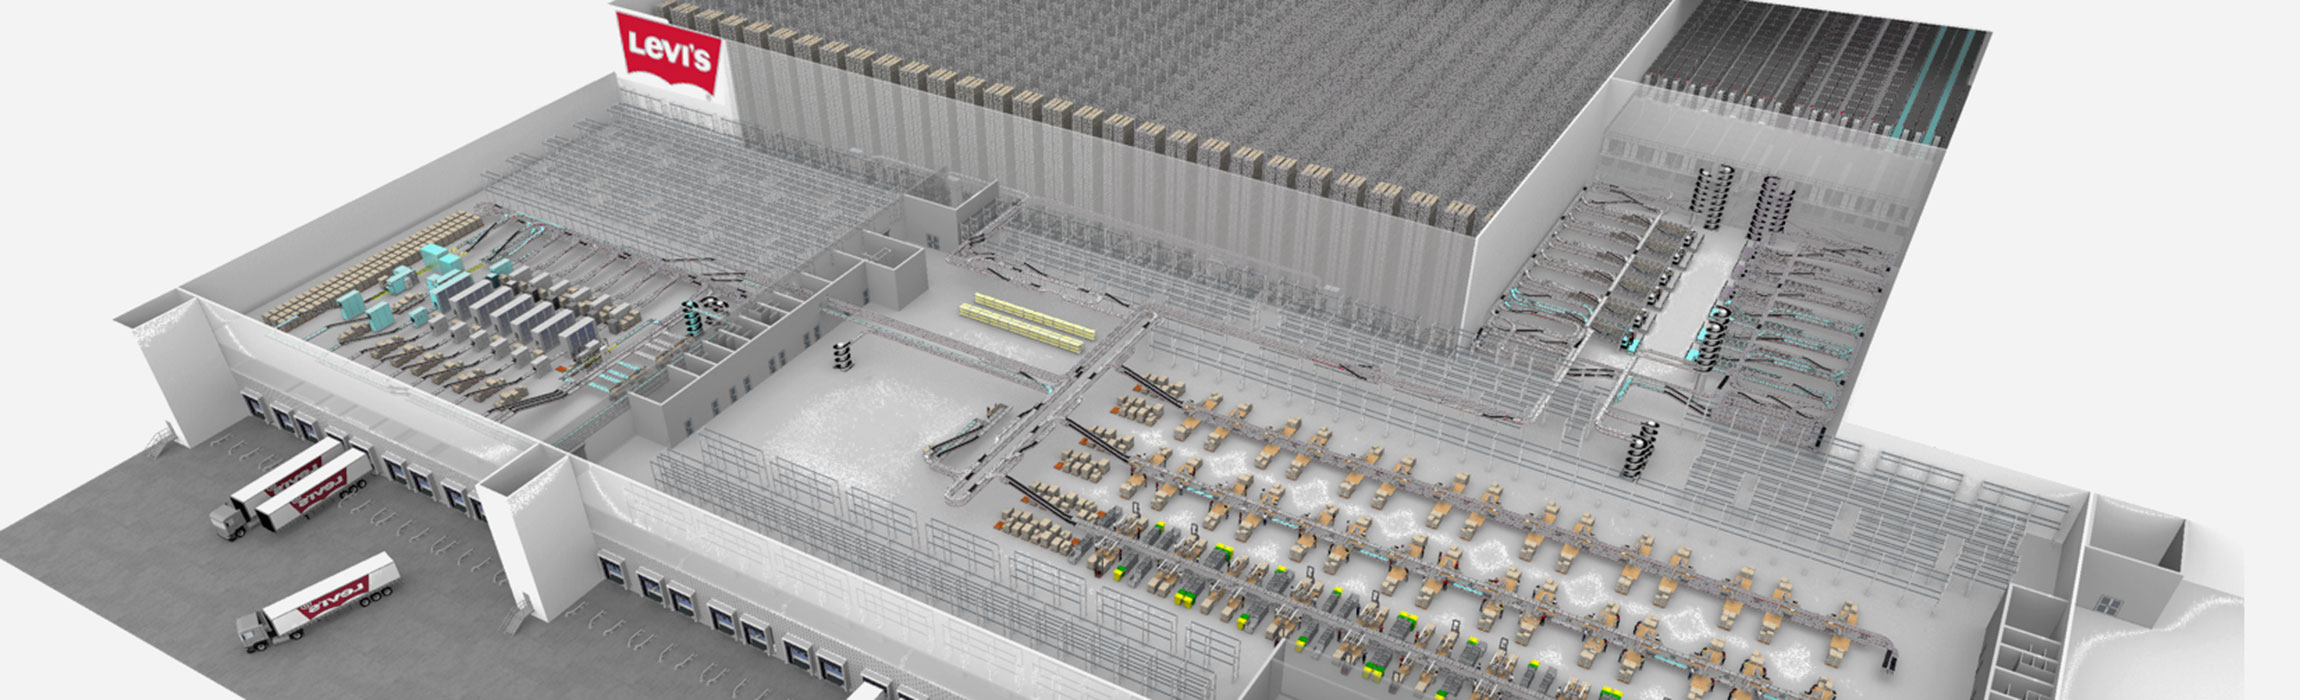 In dem Distributionszentrum des US-Unternehmen Levi Strauss & Co können Millionen Teile jährlich ausgeliefert werden.